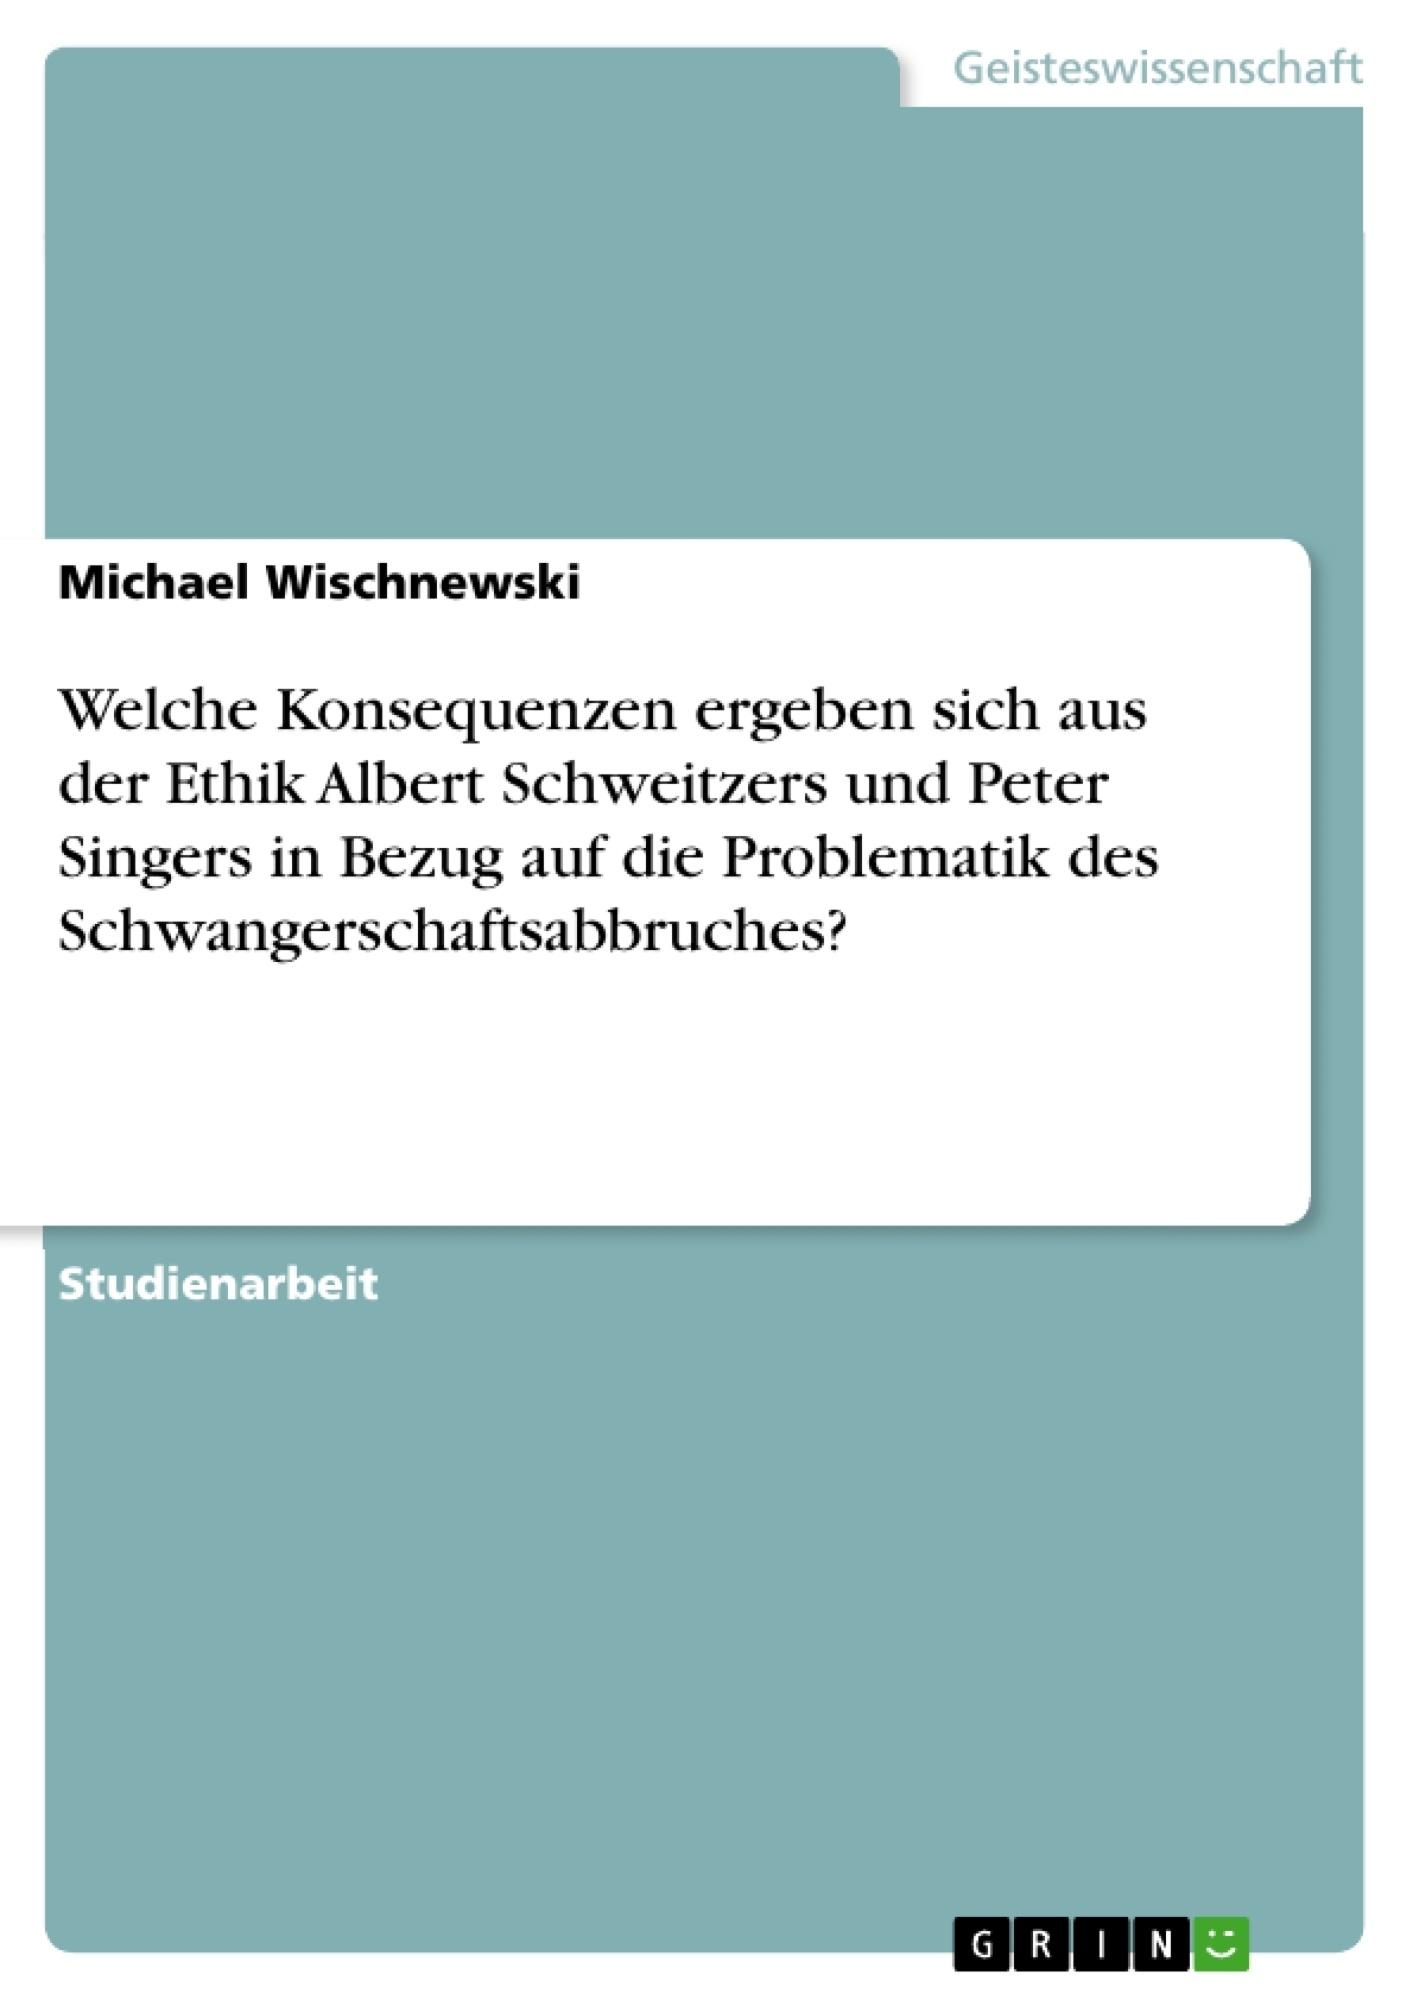 Titel: Welche Konsequenzen ergeben sich aus der Ethik Albert Schweitzers und Peter Singers in Bezug auf die Problematik des Schwangerschaftsabbruches?